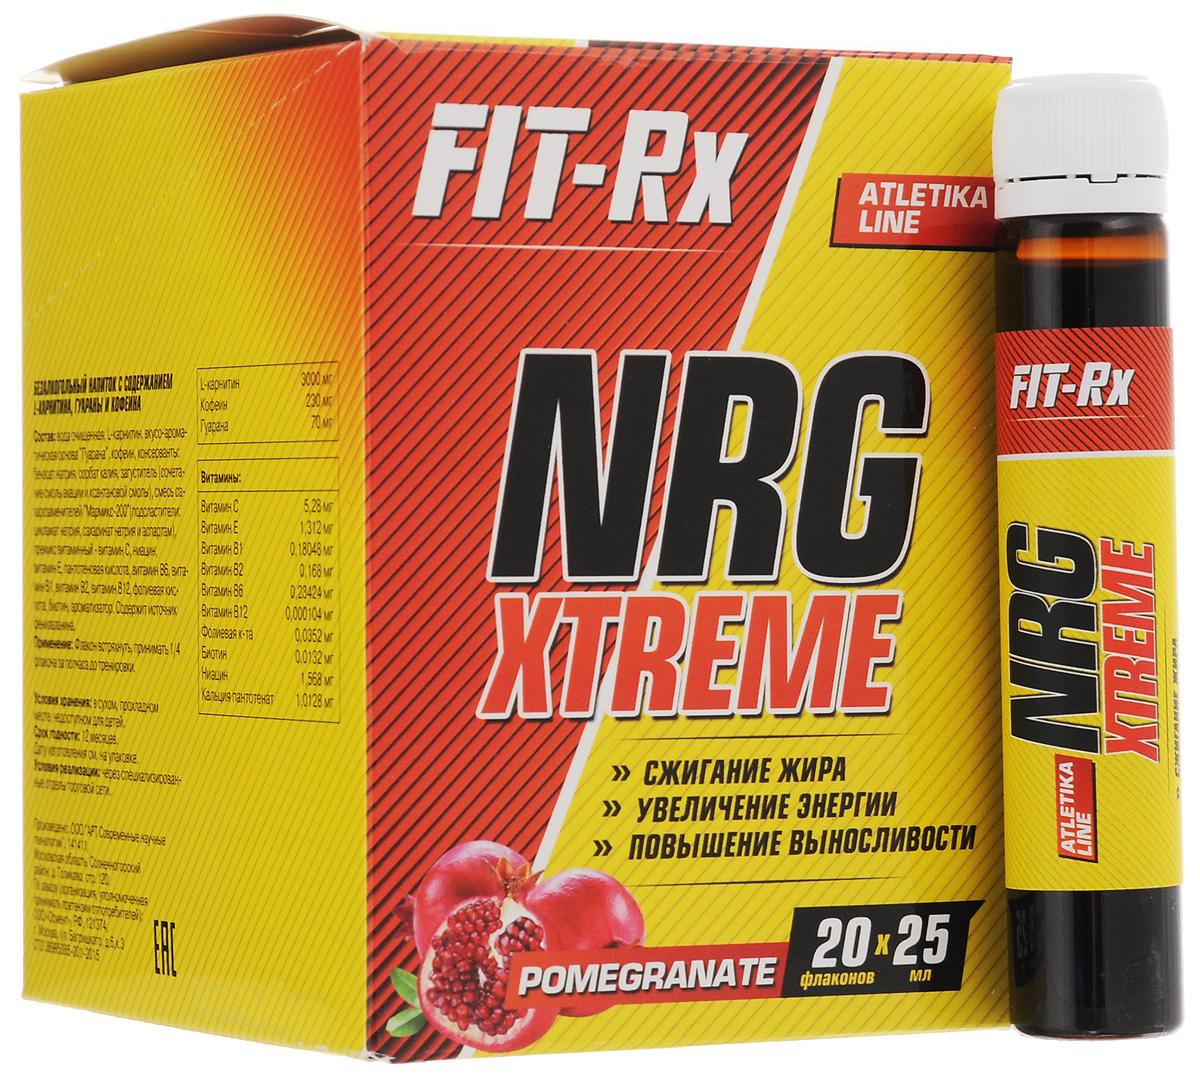 Предтренировочный комплекс FIT-RX NRG Xtreme, гранат, 20 х 25 мл00736FIT-RX NRG Xtreme - это сбалансированный жидкий комплекс широко известных, доказавших свою эффективность ингредиентов для уменьшения жировой ткани тела, повышения выносливости, ментальной концентрации и мотивации к физическим нагрузкам. Совместное применение L-карнитина и кофеина создает эффект, превосходящий применение этих продуктов в отдельности.L-карнитин используется организмом для транспортировки жирных кислот из проблемных зон тела (депо жира) в митохондрии клеток мышц. Там жирные кислоты окисляются и используются как источник энергии, то есть сжигаются. Этот процесс является естественным процессом организма. L-карнитин также стимулирует деятельность иммунной системы, предотвращает тромбозы и болезни сердца.Кофеин - мощный и безопасный стимулятор активности. Он повышает эффективность физической и умственной деятельности, ускоряет реакции, снимает депрессивные и тревожные состояния. Это позволяет тренироваться с большей энергией, с лучшим настроением, расходовать больше калорий. Чистый кофеин ведет к возникновению высокой мотивации и физических возможностей сразу после приема. Присутствие медленного кофеина из гуараны поддерживает бодрое состояние духа и тела на все время тренировки. Такой эффект повышает отдачу от тренировки и ведет к сжиганию большего количества жира. Кофеин также имеет выраженное свойство понижения аппетита.Функции препарата:Повышает выносливость во время тренировокОказывает мощное тонизирующее действиеУменьшает усталость и боль в мышцахАктивизирует физическую и умственную деятельностьУскоряет восстановление мышечной тканиРегулирует кровообращение и кислородный обменСтимулирует ЦНС, сердечнососудистую и иммунную системы.Состав: вода очищенная, L-карнитин (3000 мг), вкусо-ароматическая основа Гуарана (70 мг), кофеин (230 мг), консерванты: бензоат натрия, сорбат калия, загуститель (сочетание смолы акации и ксантановой смолы), смесь сахарозаменителей Мармикс-200 (подсластител